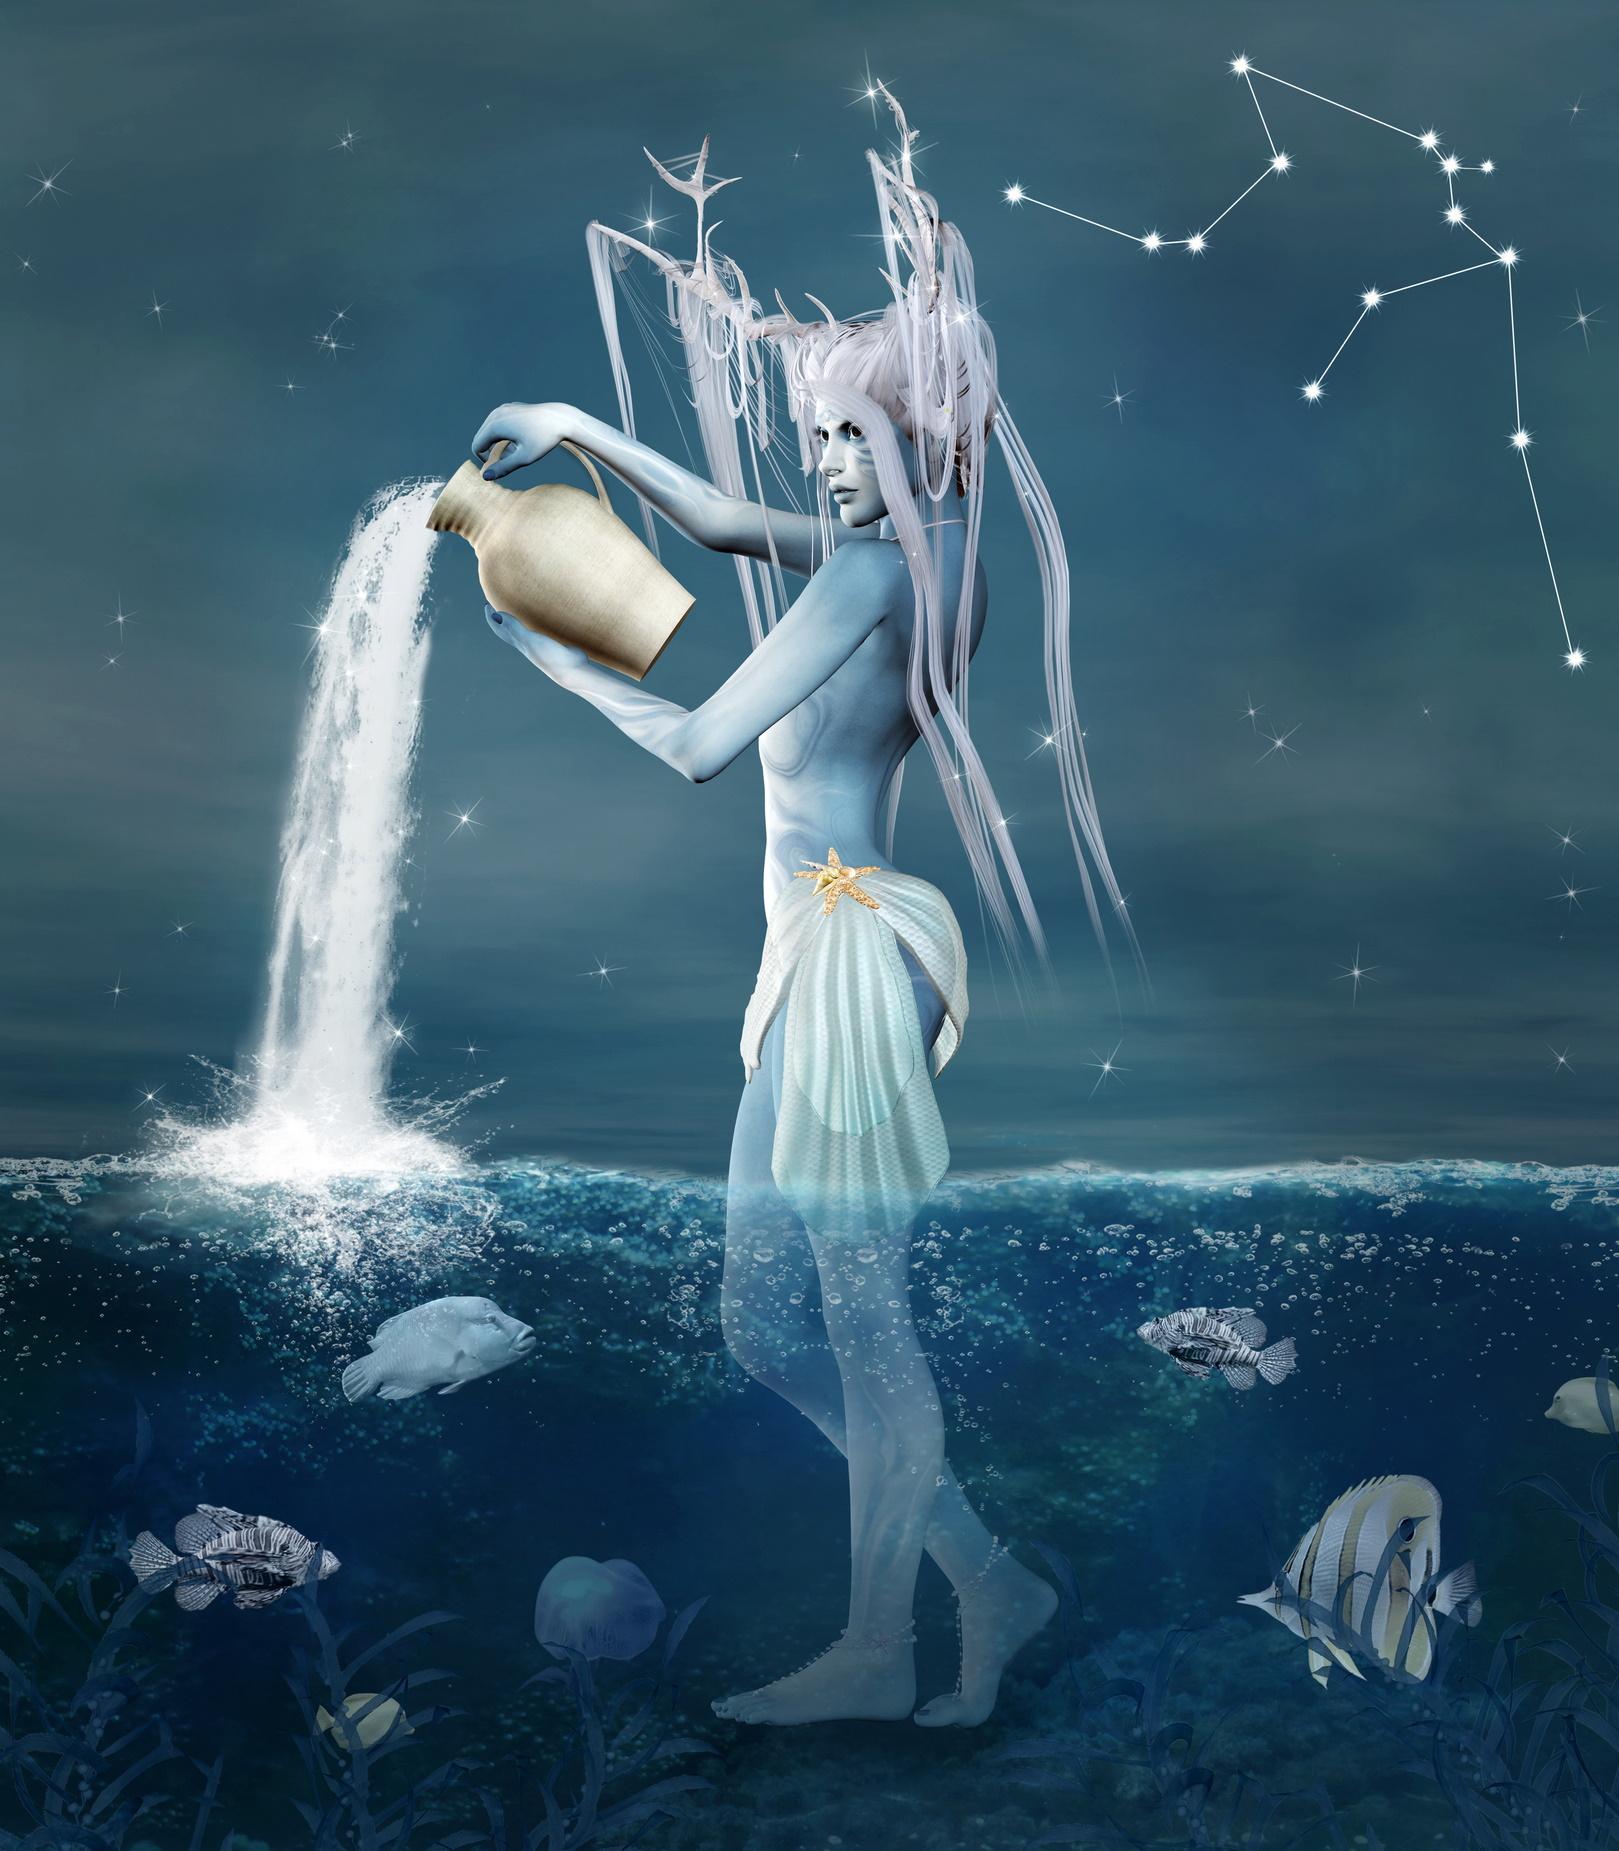 <p><strong>Водолей</strong><br /> <u>Праскови:</u> Водолеите трябва да прочистват ума си и да се зареждат със енергия чрез праскови. Тя им помага да каляват характера си и да поддържат доброто си чувство за хумор.</p>